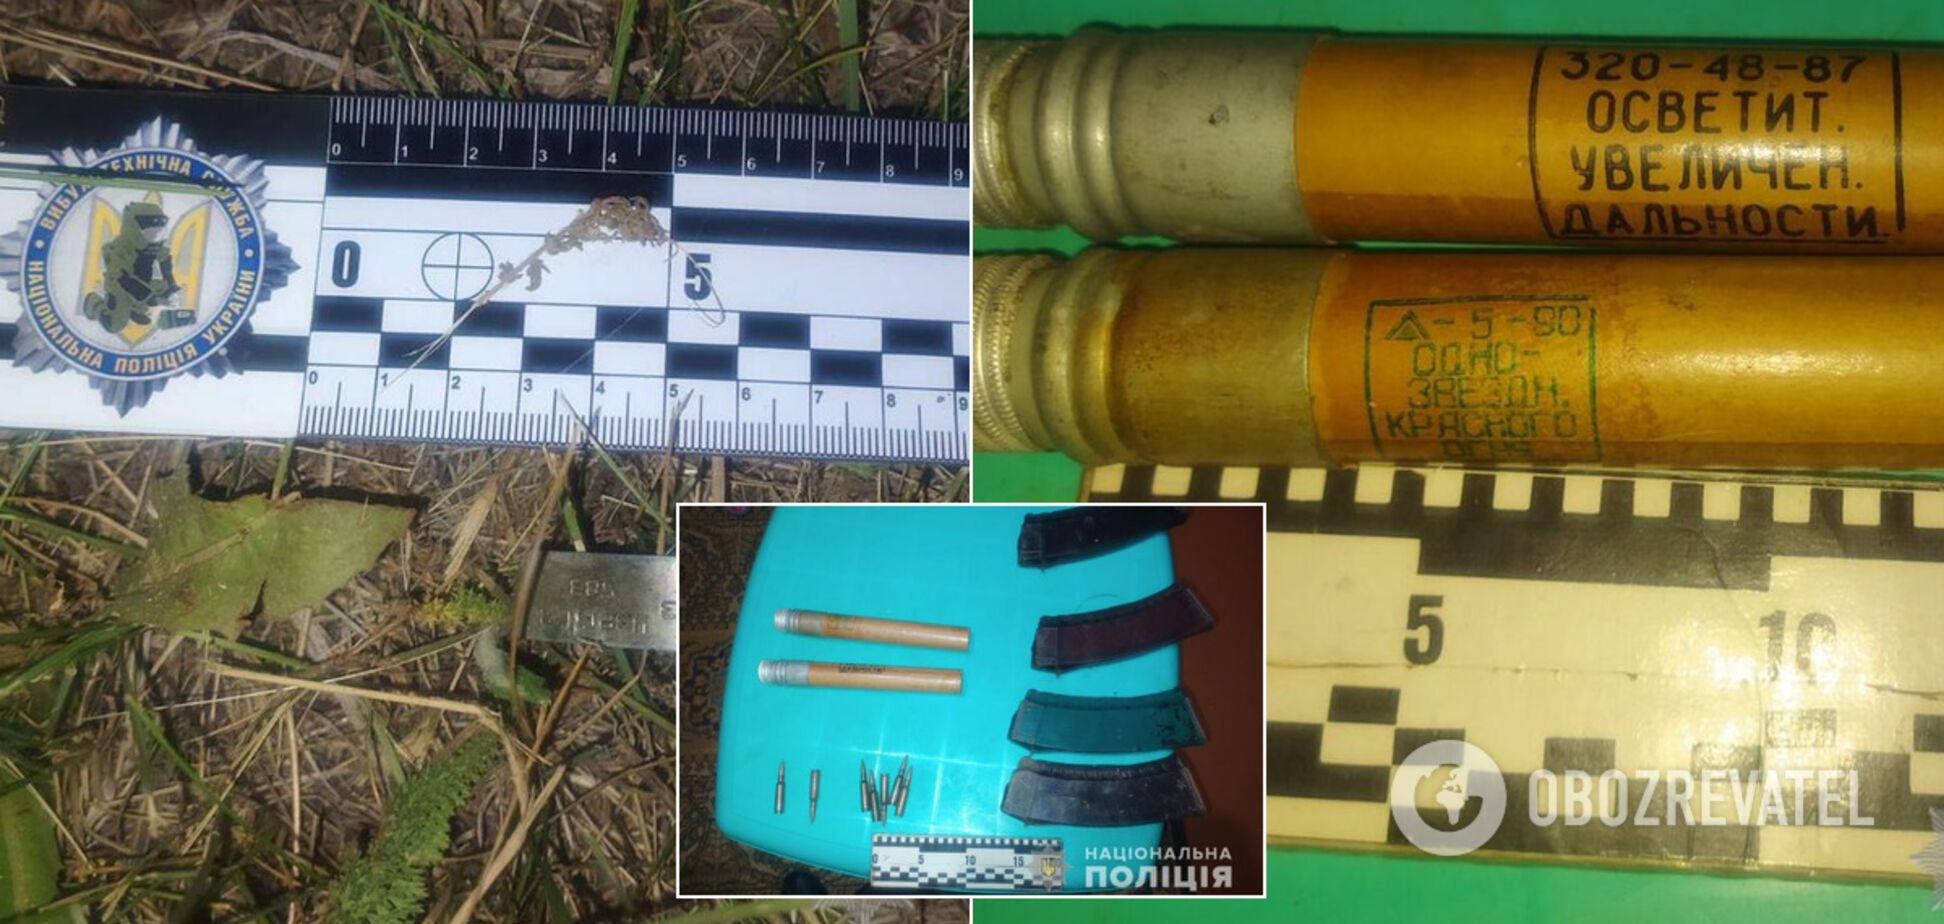 Под Харьковом участник ООС взорвал себя гранатой и погиб на месте. Фото